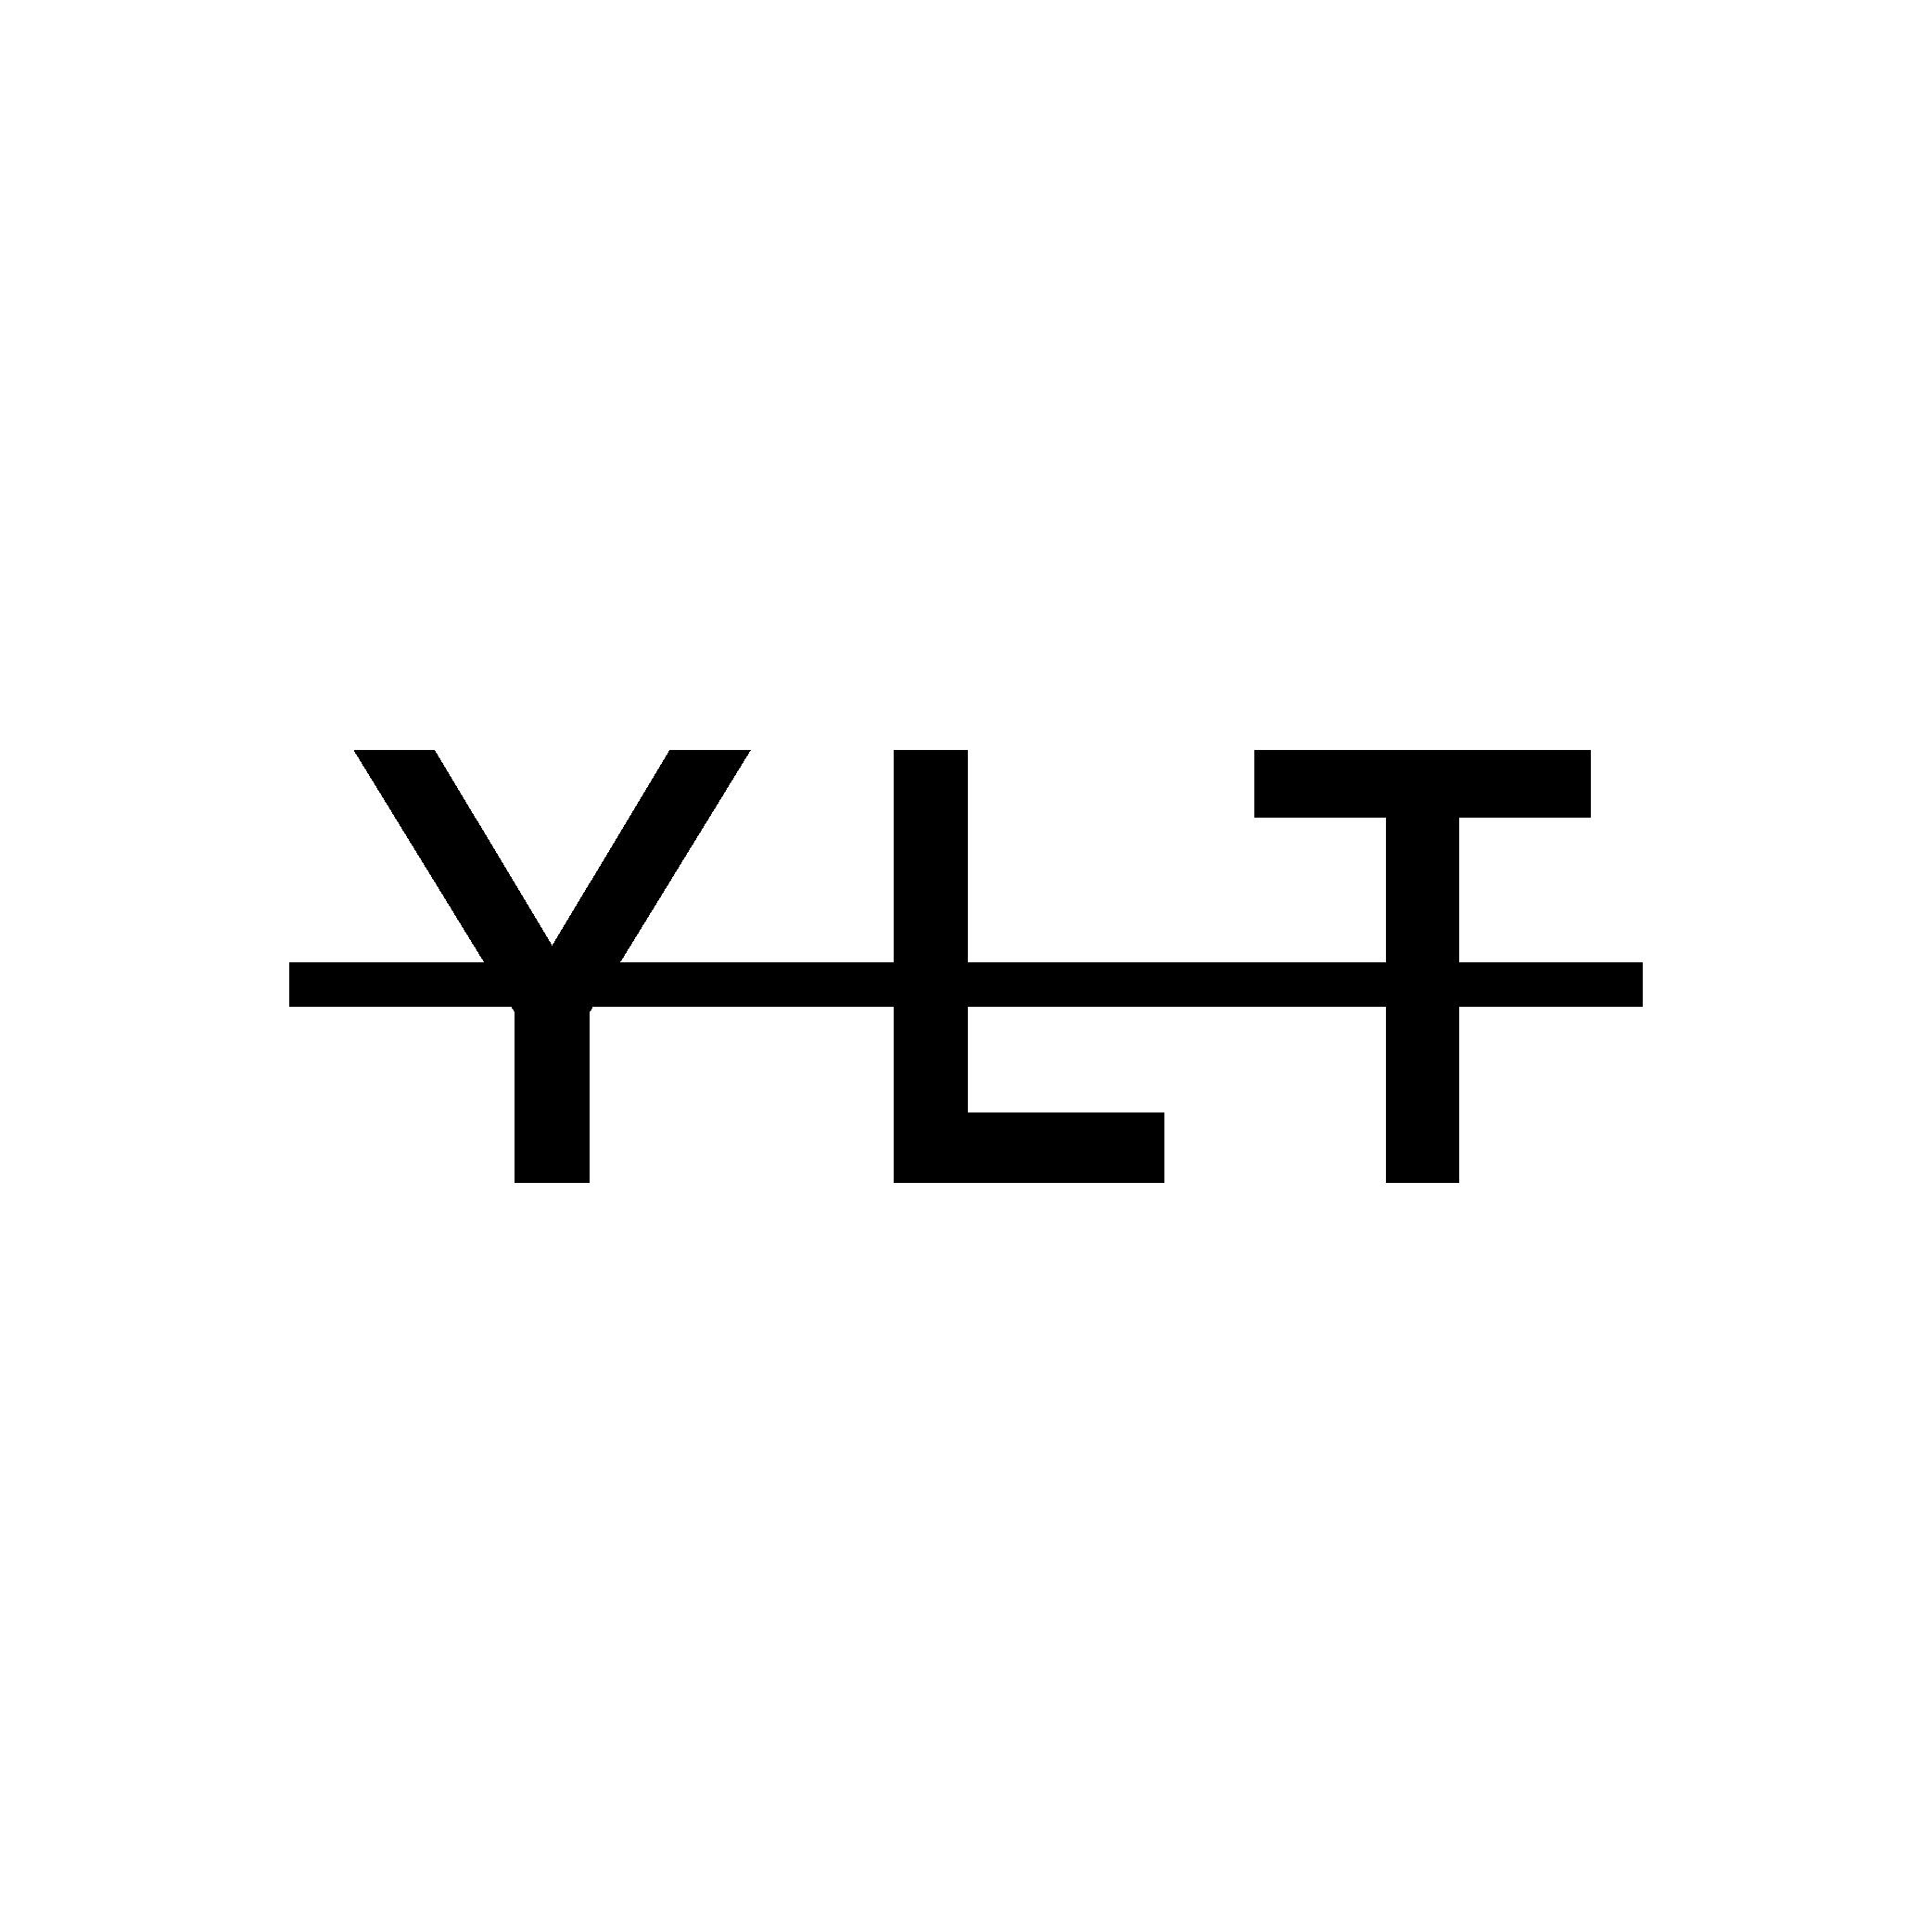 YLT LOGO BLACK